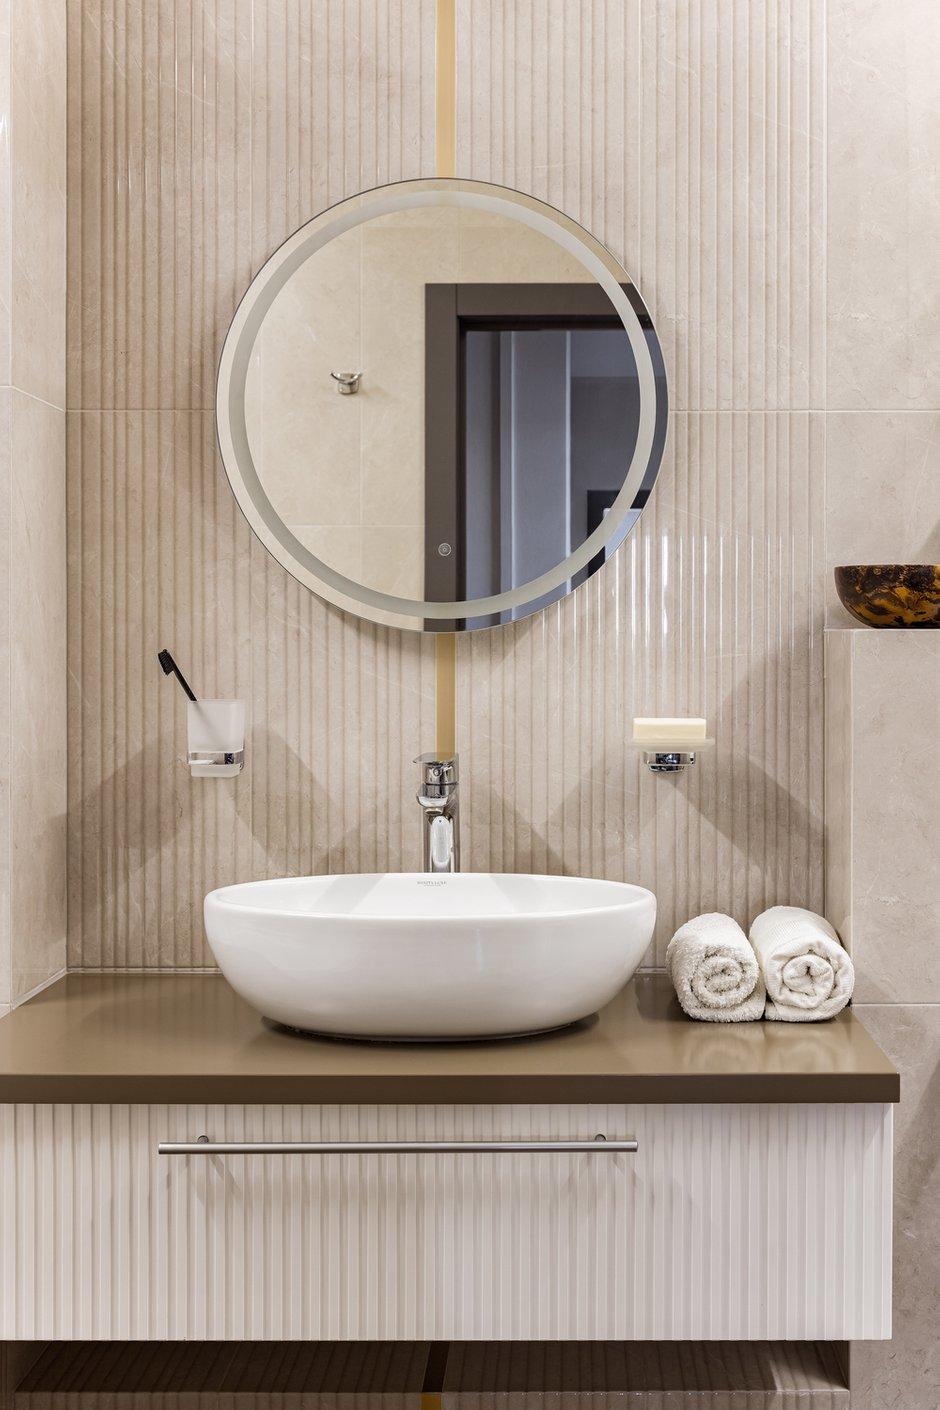 Фотография: Ванная в стиле Современный, Квартира, Проект недели, Челябинск, 3 комнаты, Более 90 метров, Денис Тарасенко – фото на INMYROOM